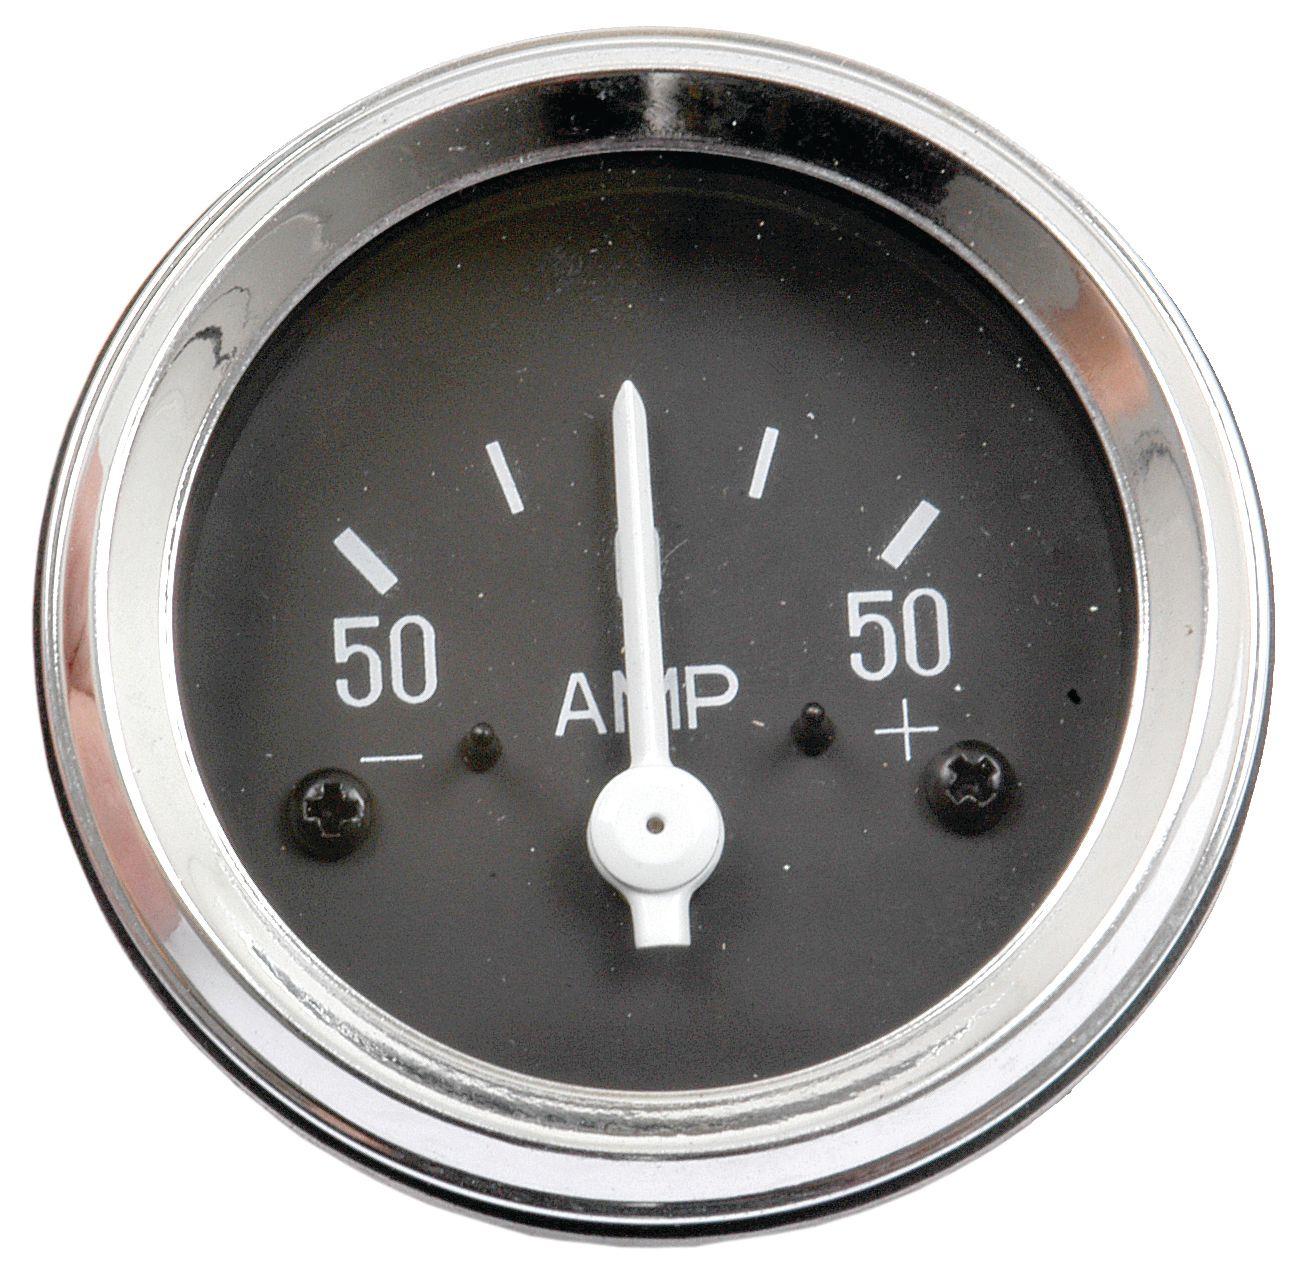 FORD NEW HOLLAND GAUGE-AMMETER-50AMP-50MM 61064